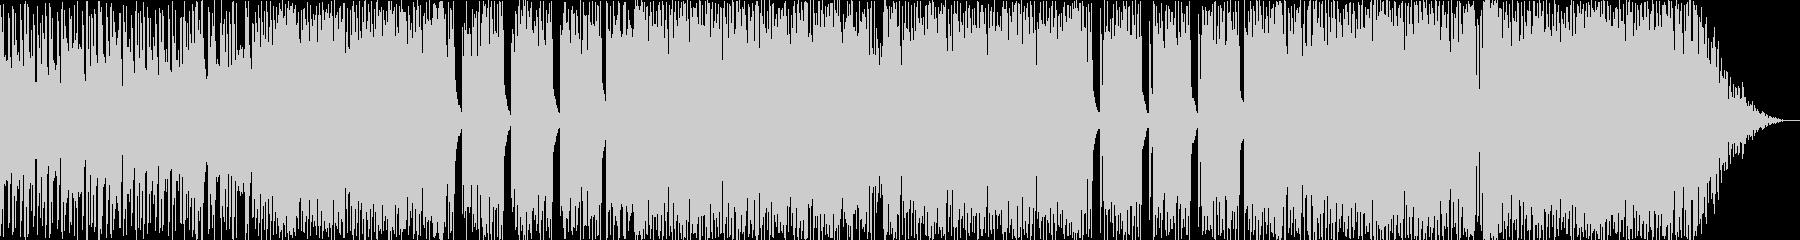 シャッフルビートPOPSの未再生の波形